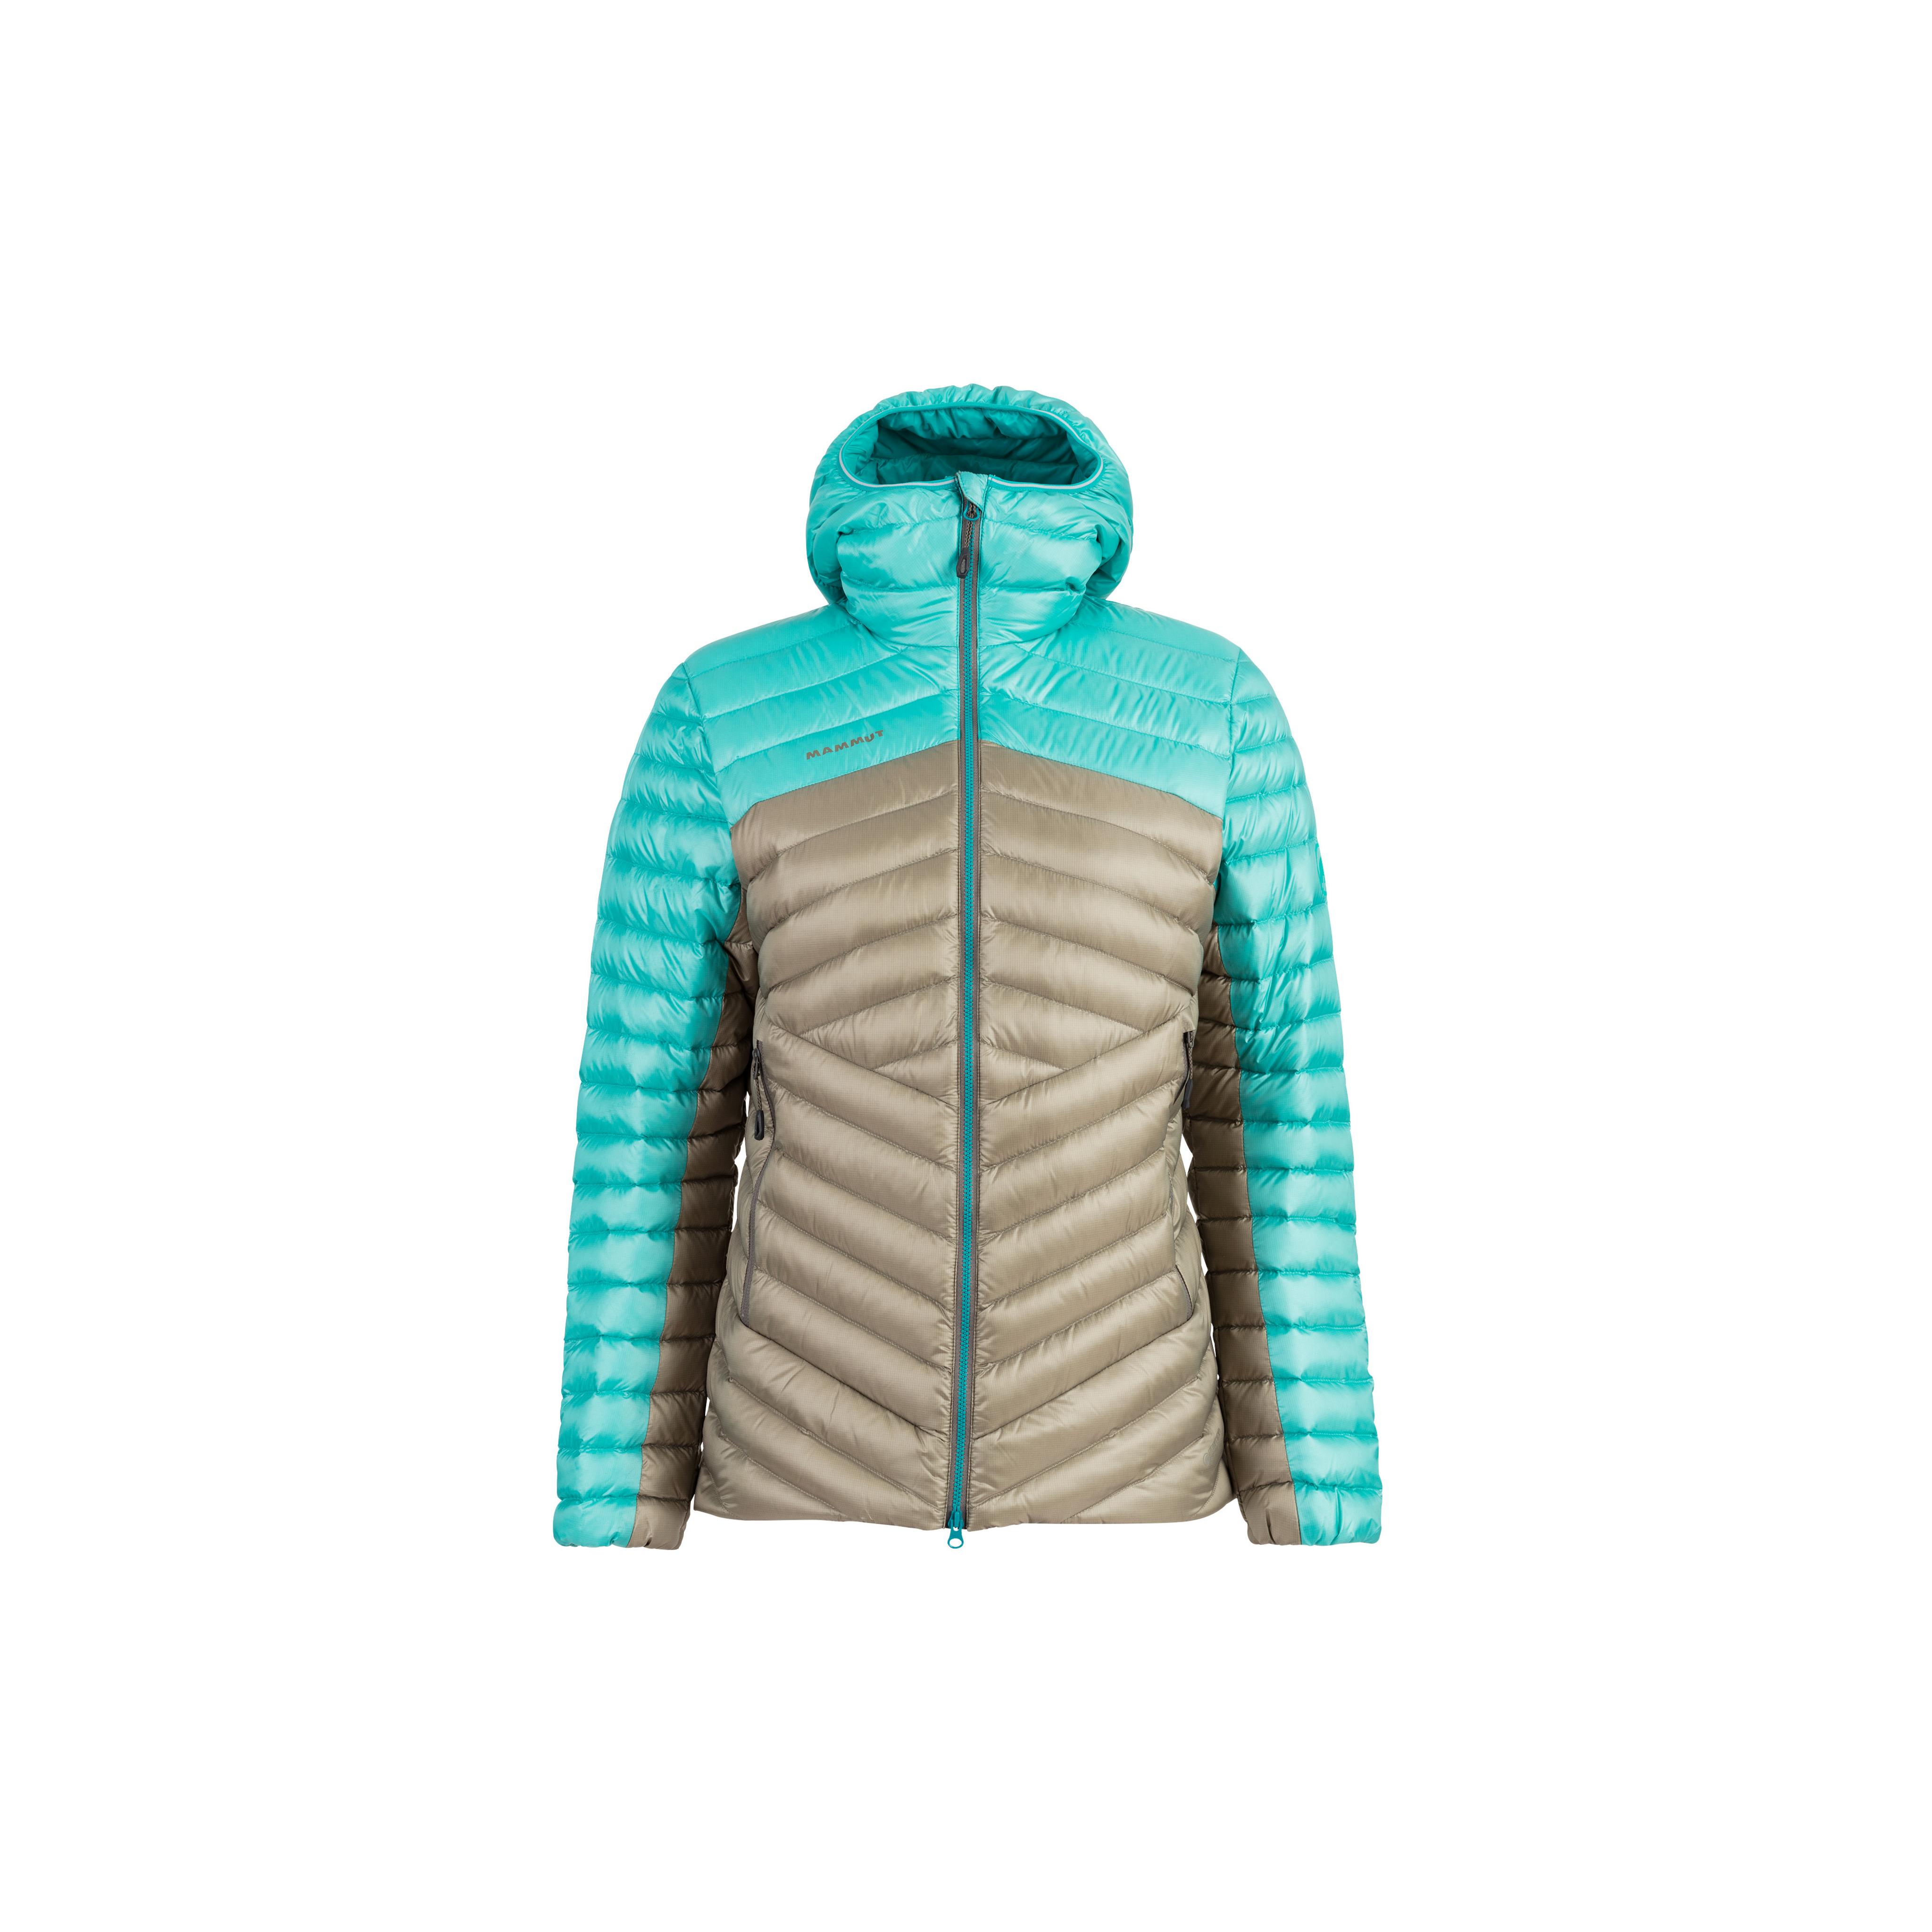 Broad Peak IN Hooded Jacket Women - tin-ceramic, XS thumbnail